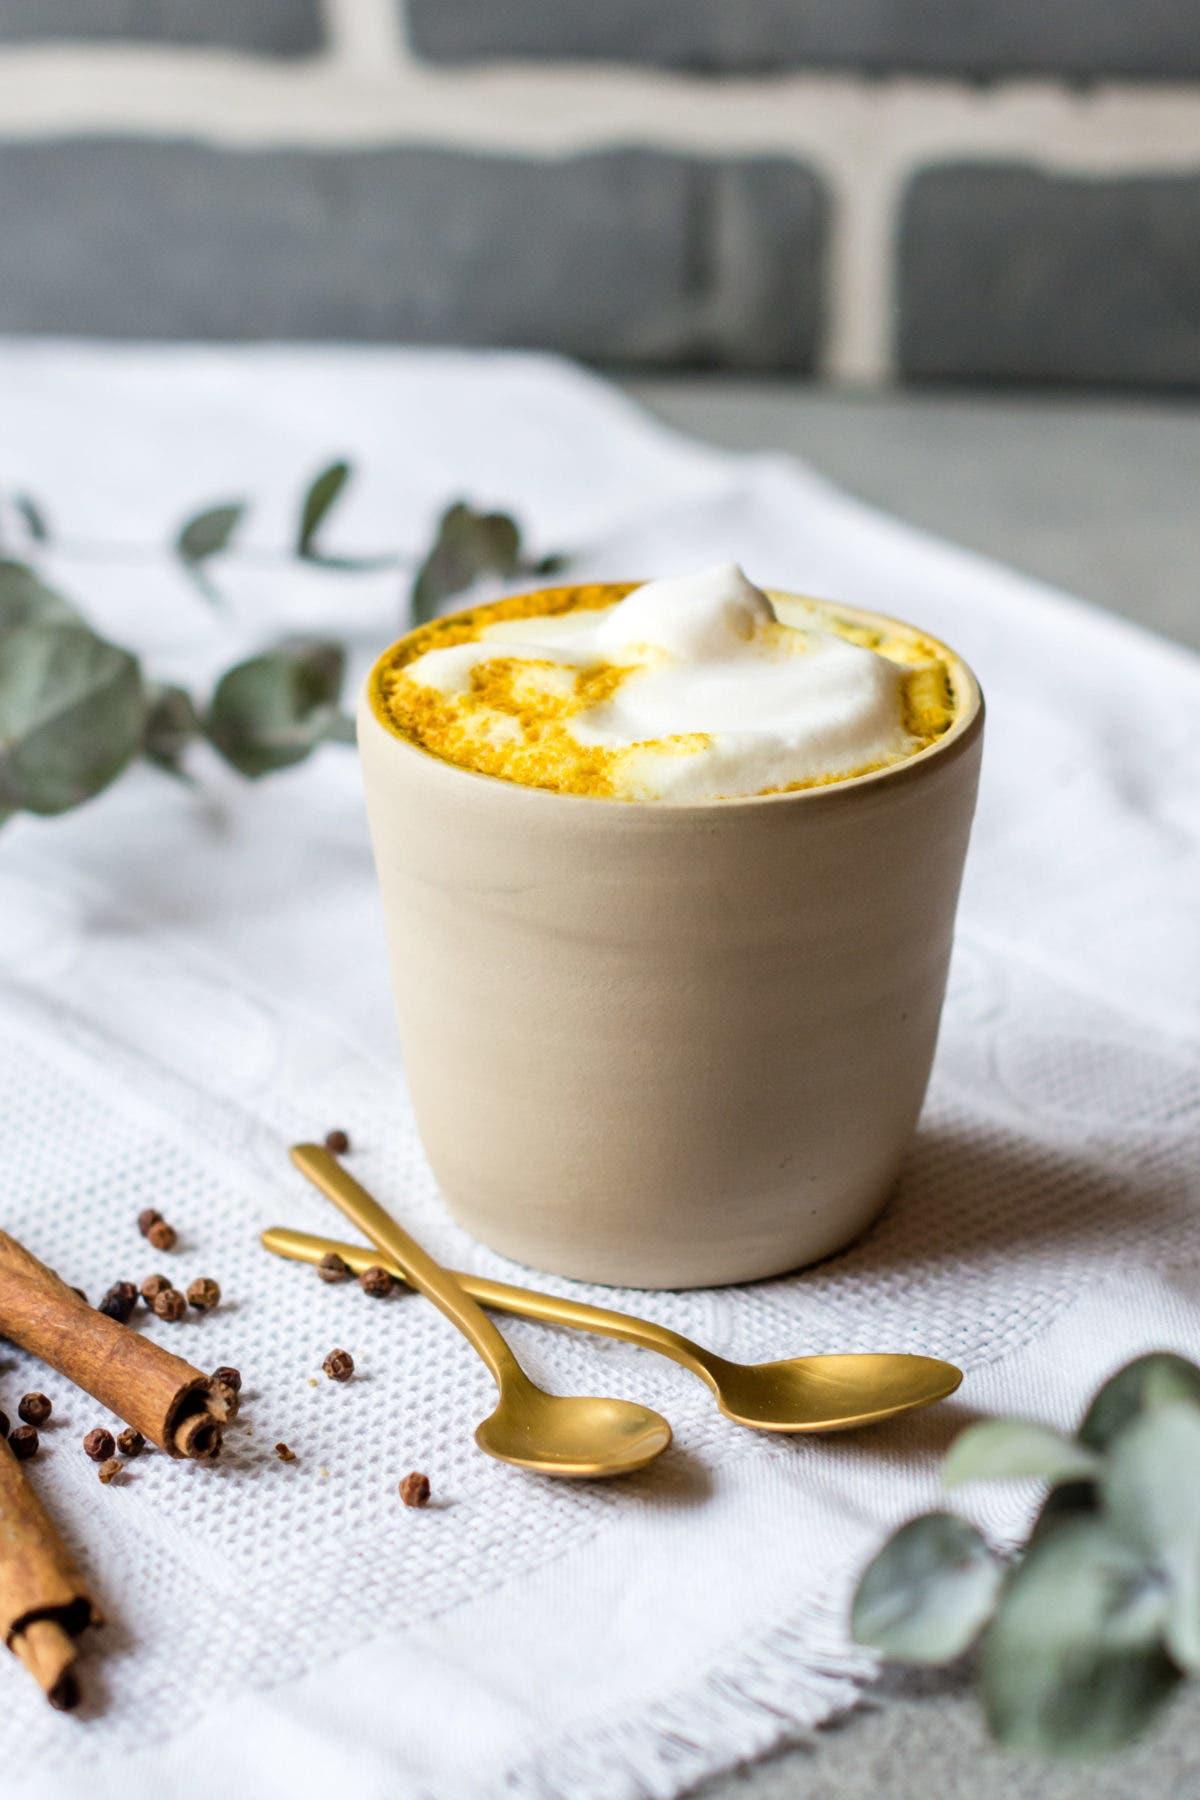 Keramikbecher mit Kurkuma Latte und Milchschaum.